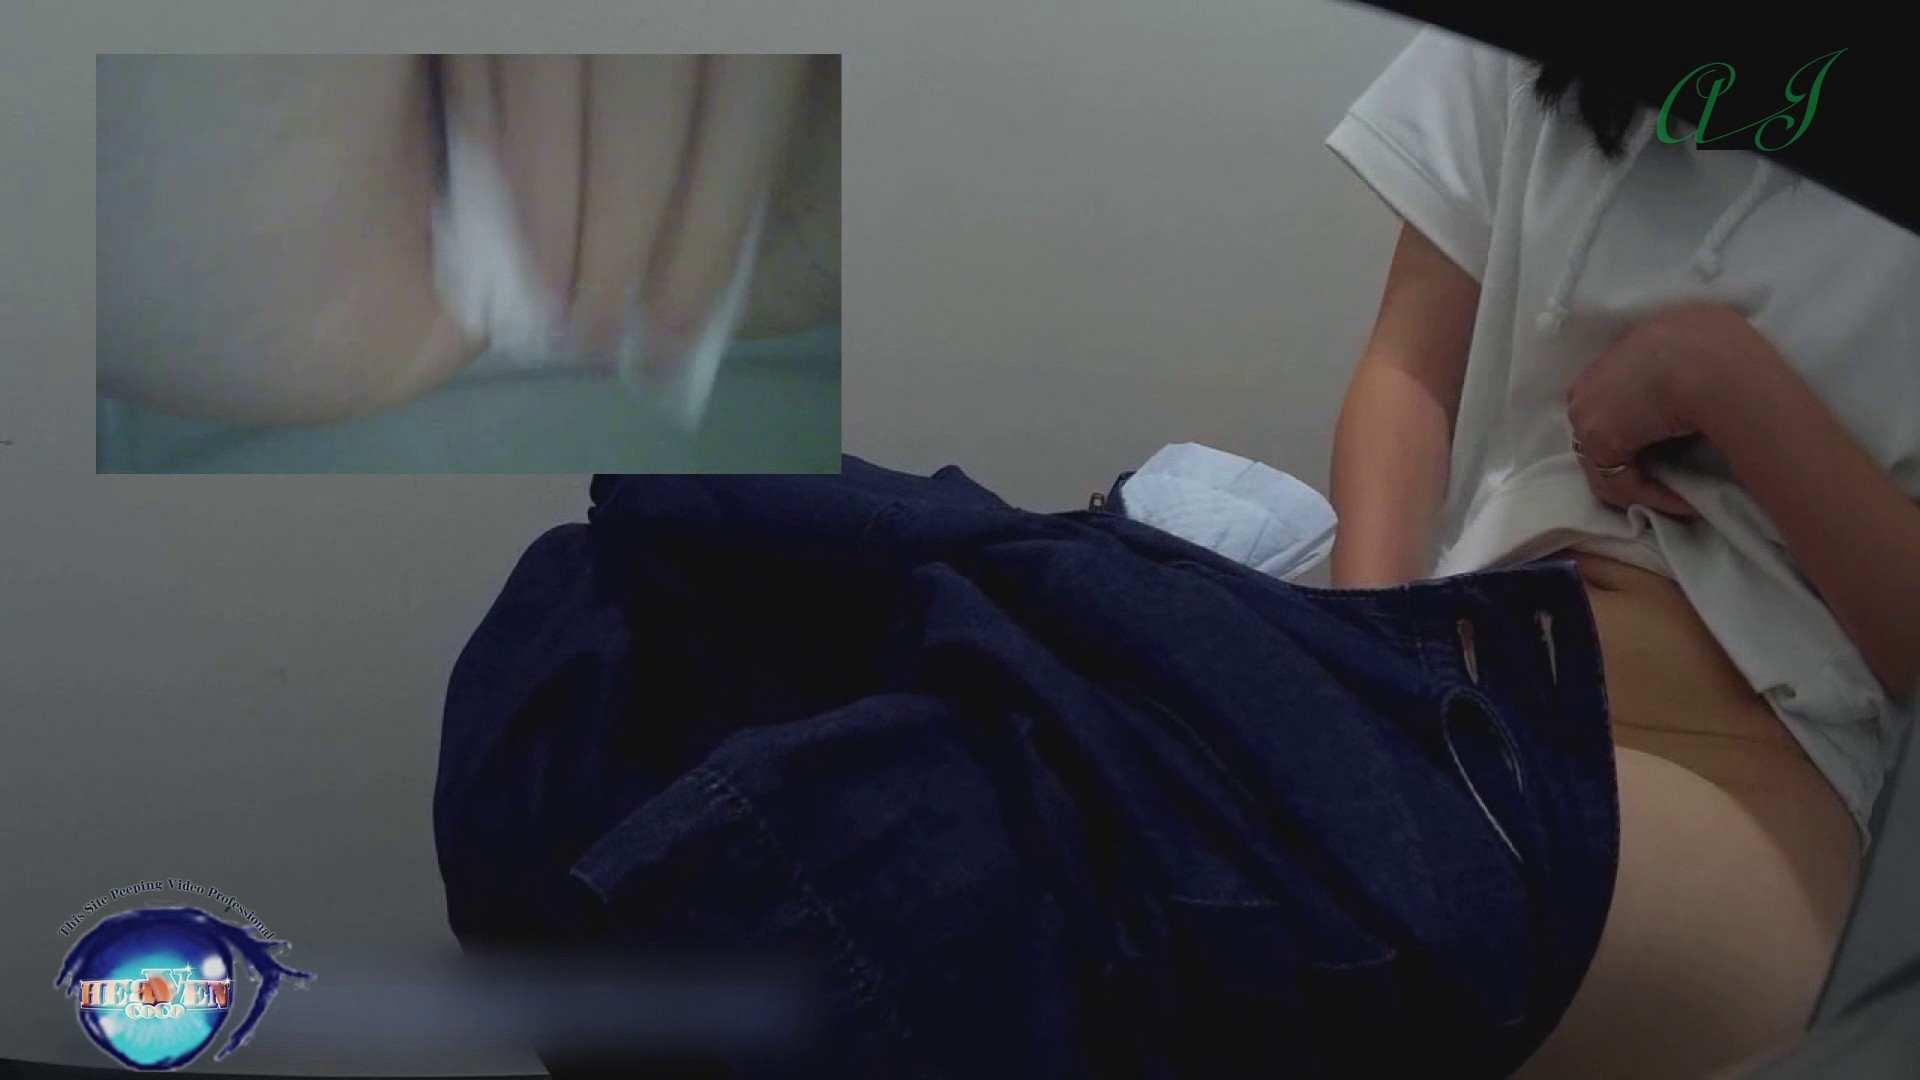 有名大学女性洗面所 vol.71 美女学生さんの潜入盗撮!後編 美女まとめ ヌード画像 102PIX 40